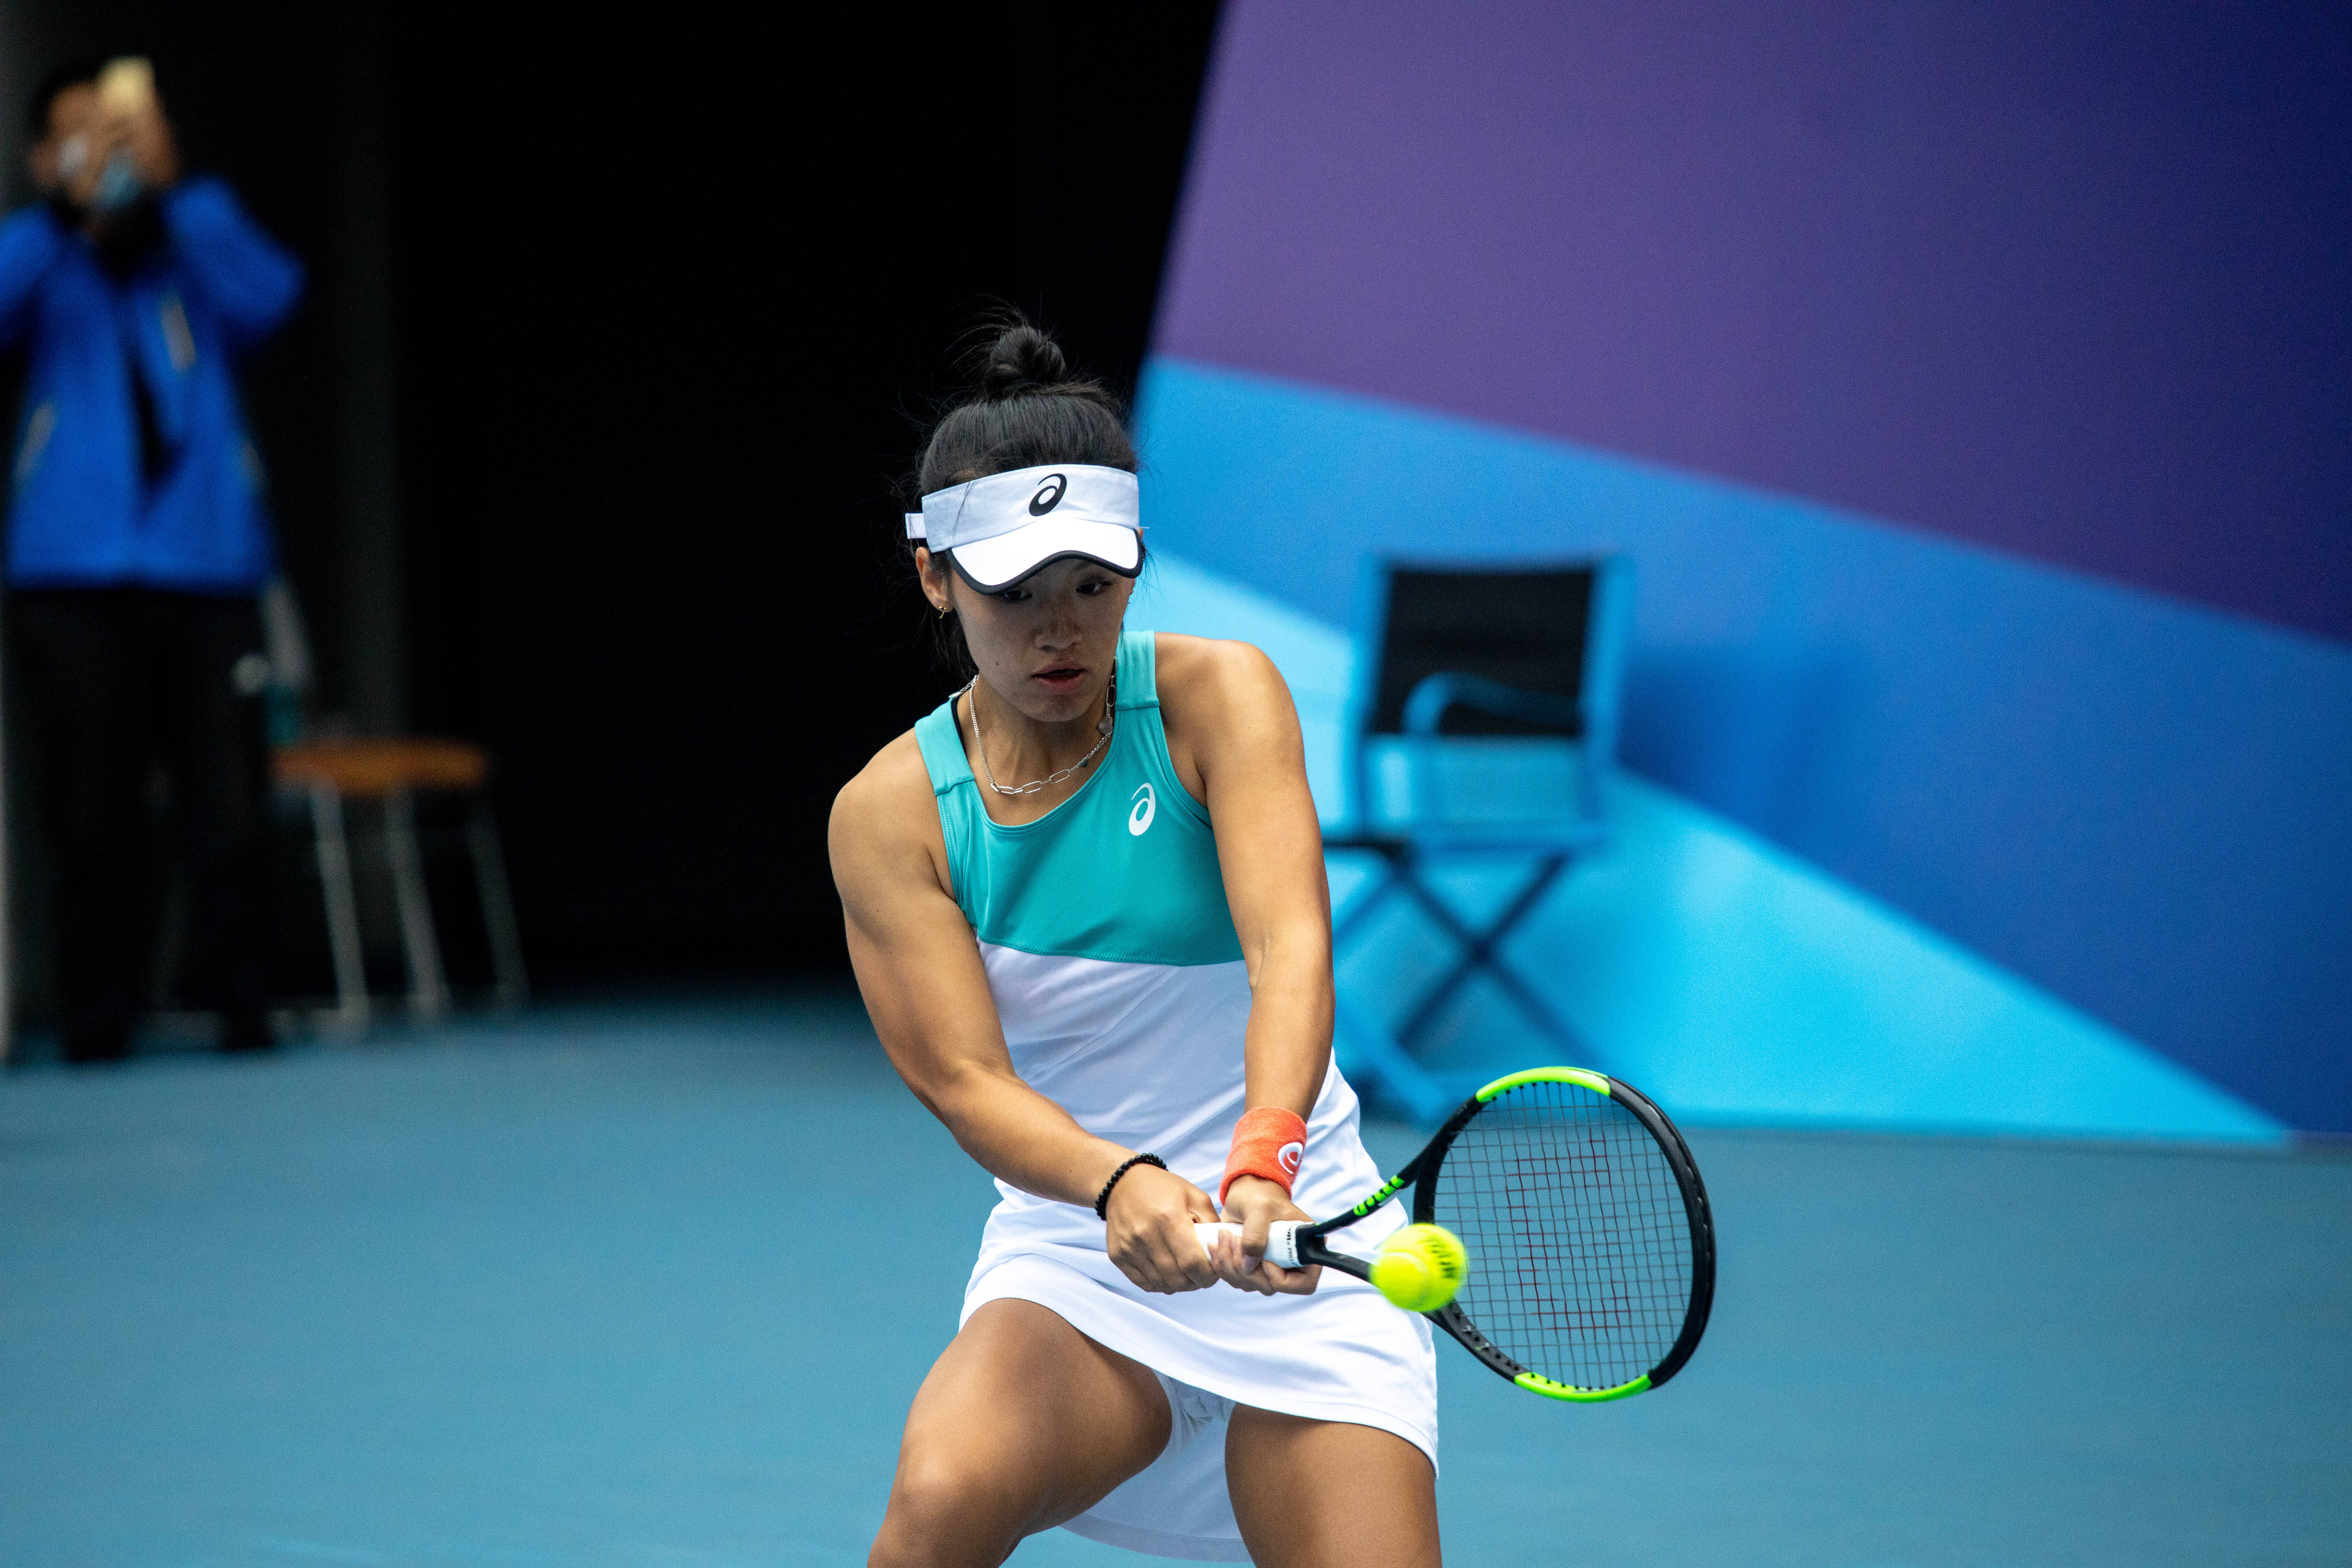 16秒丨天津网球运动中心队队员韦思佳:在日照打比赛非常舒服